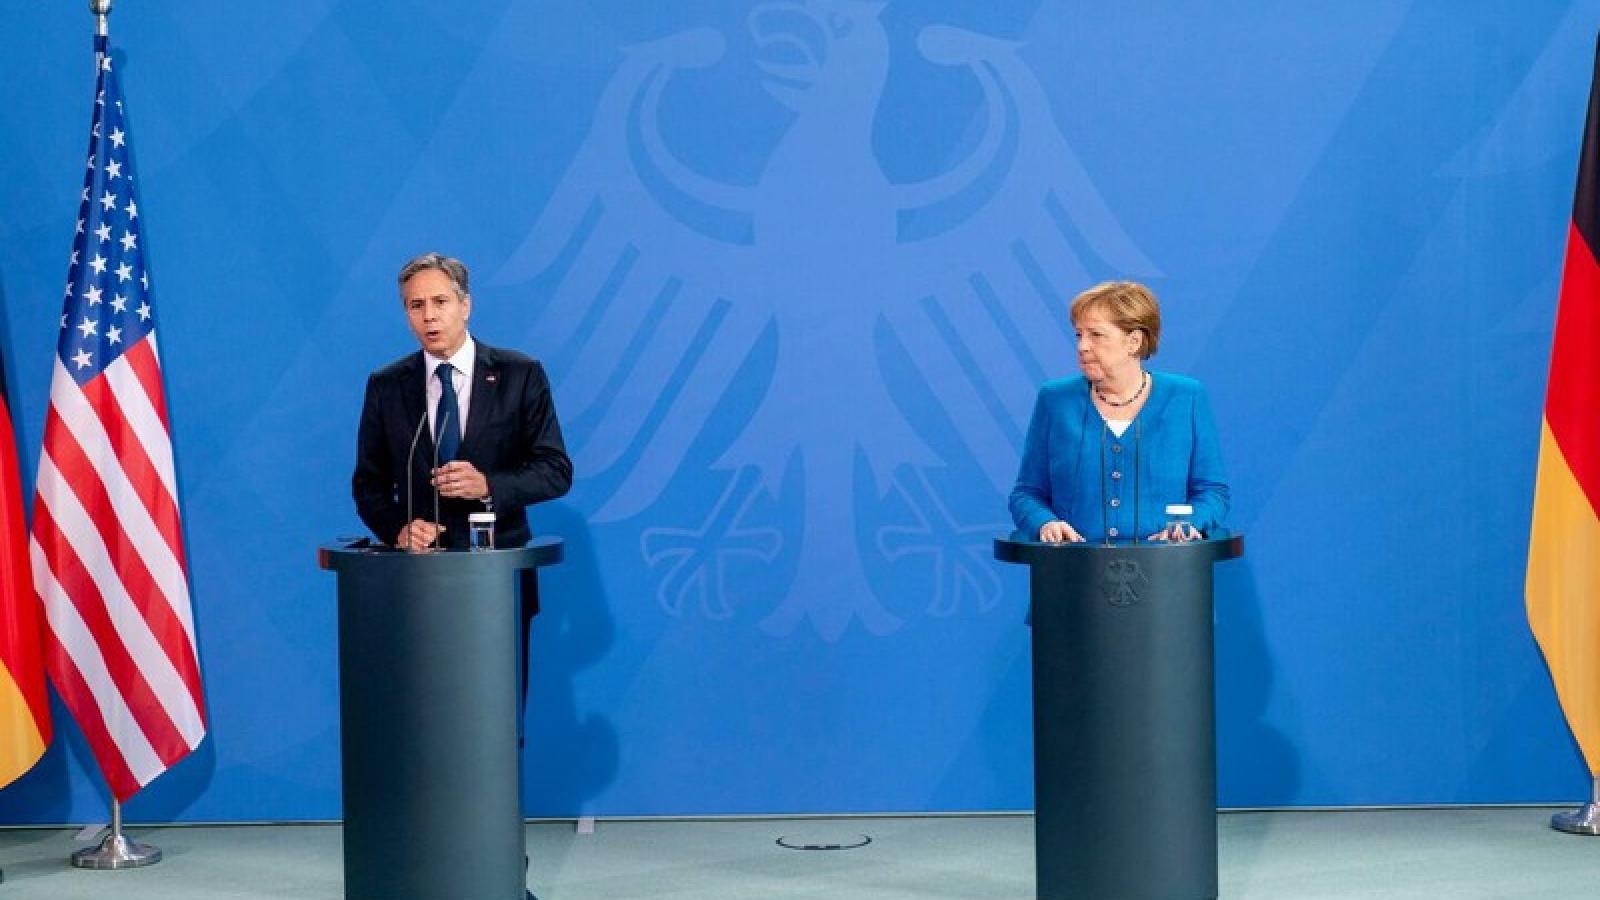 Ngoại trưởng Mỹ thăm châu Âu: Tiếp nối sứ mệnh đoàn kết phương Tây đối phó với Trung Quốc